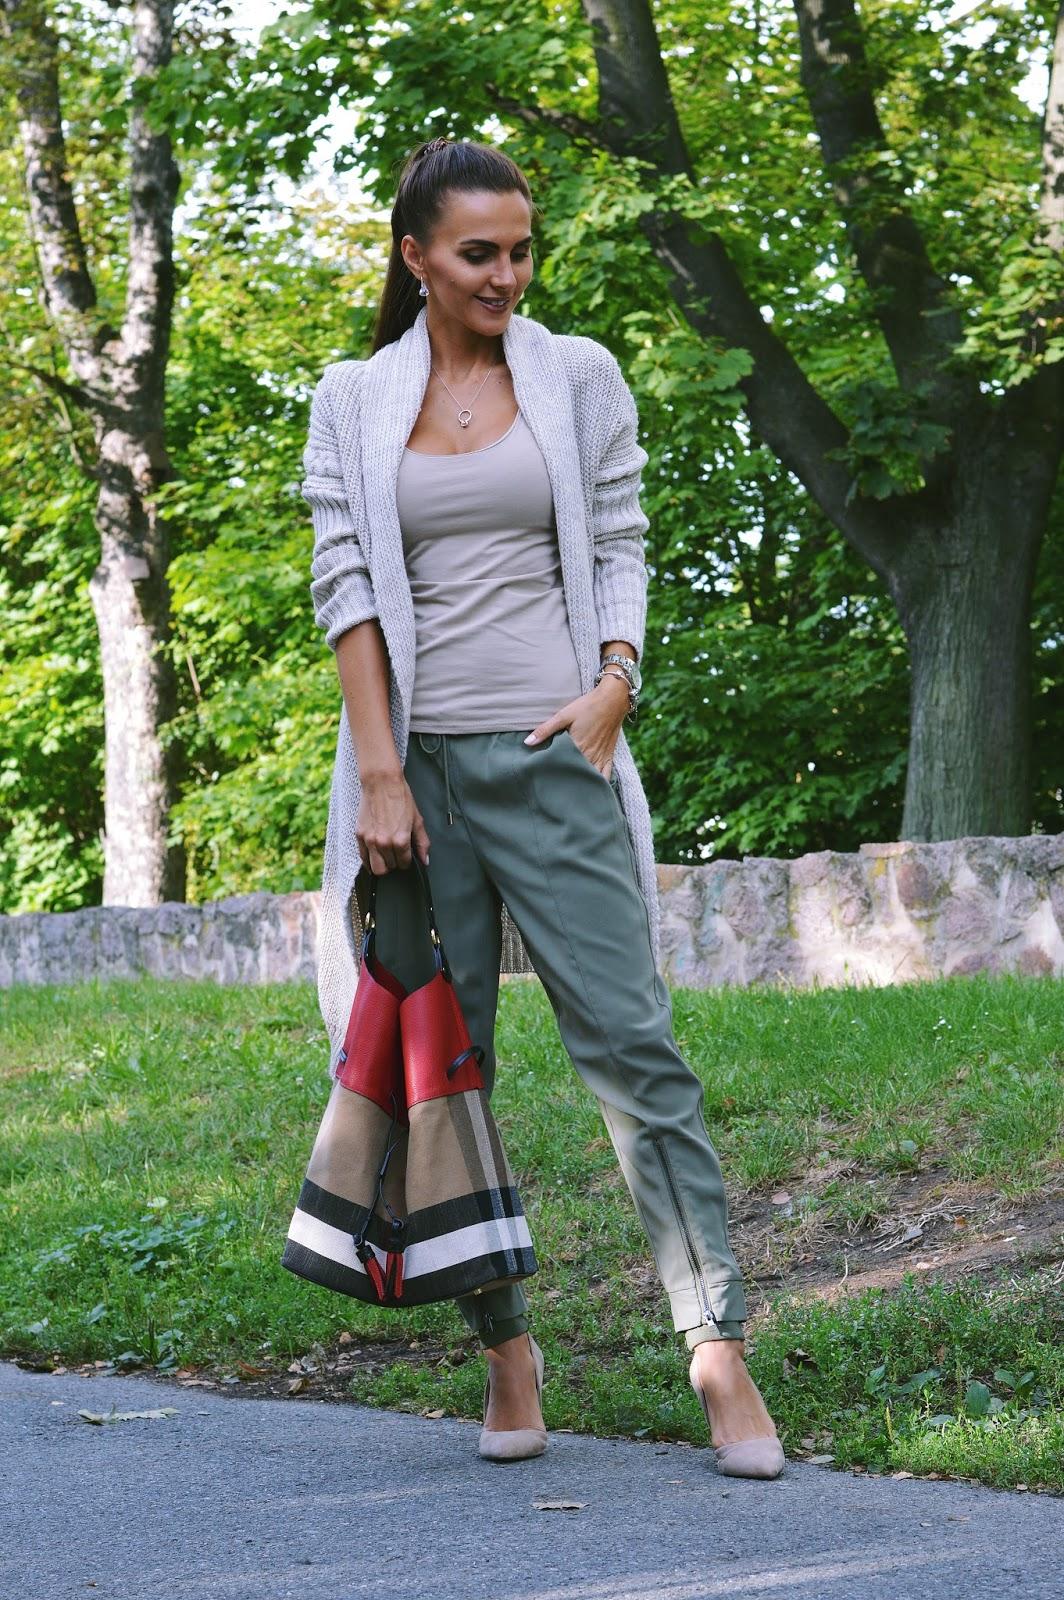 e7a85472e104 Pletené svetry jako oživení každého outfitu